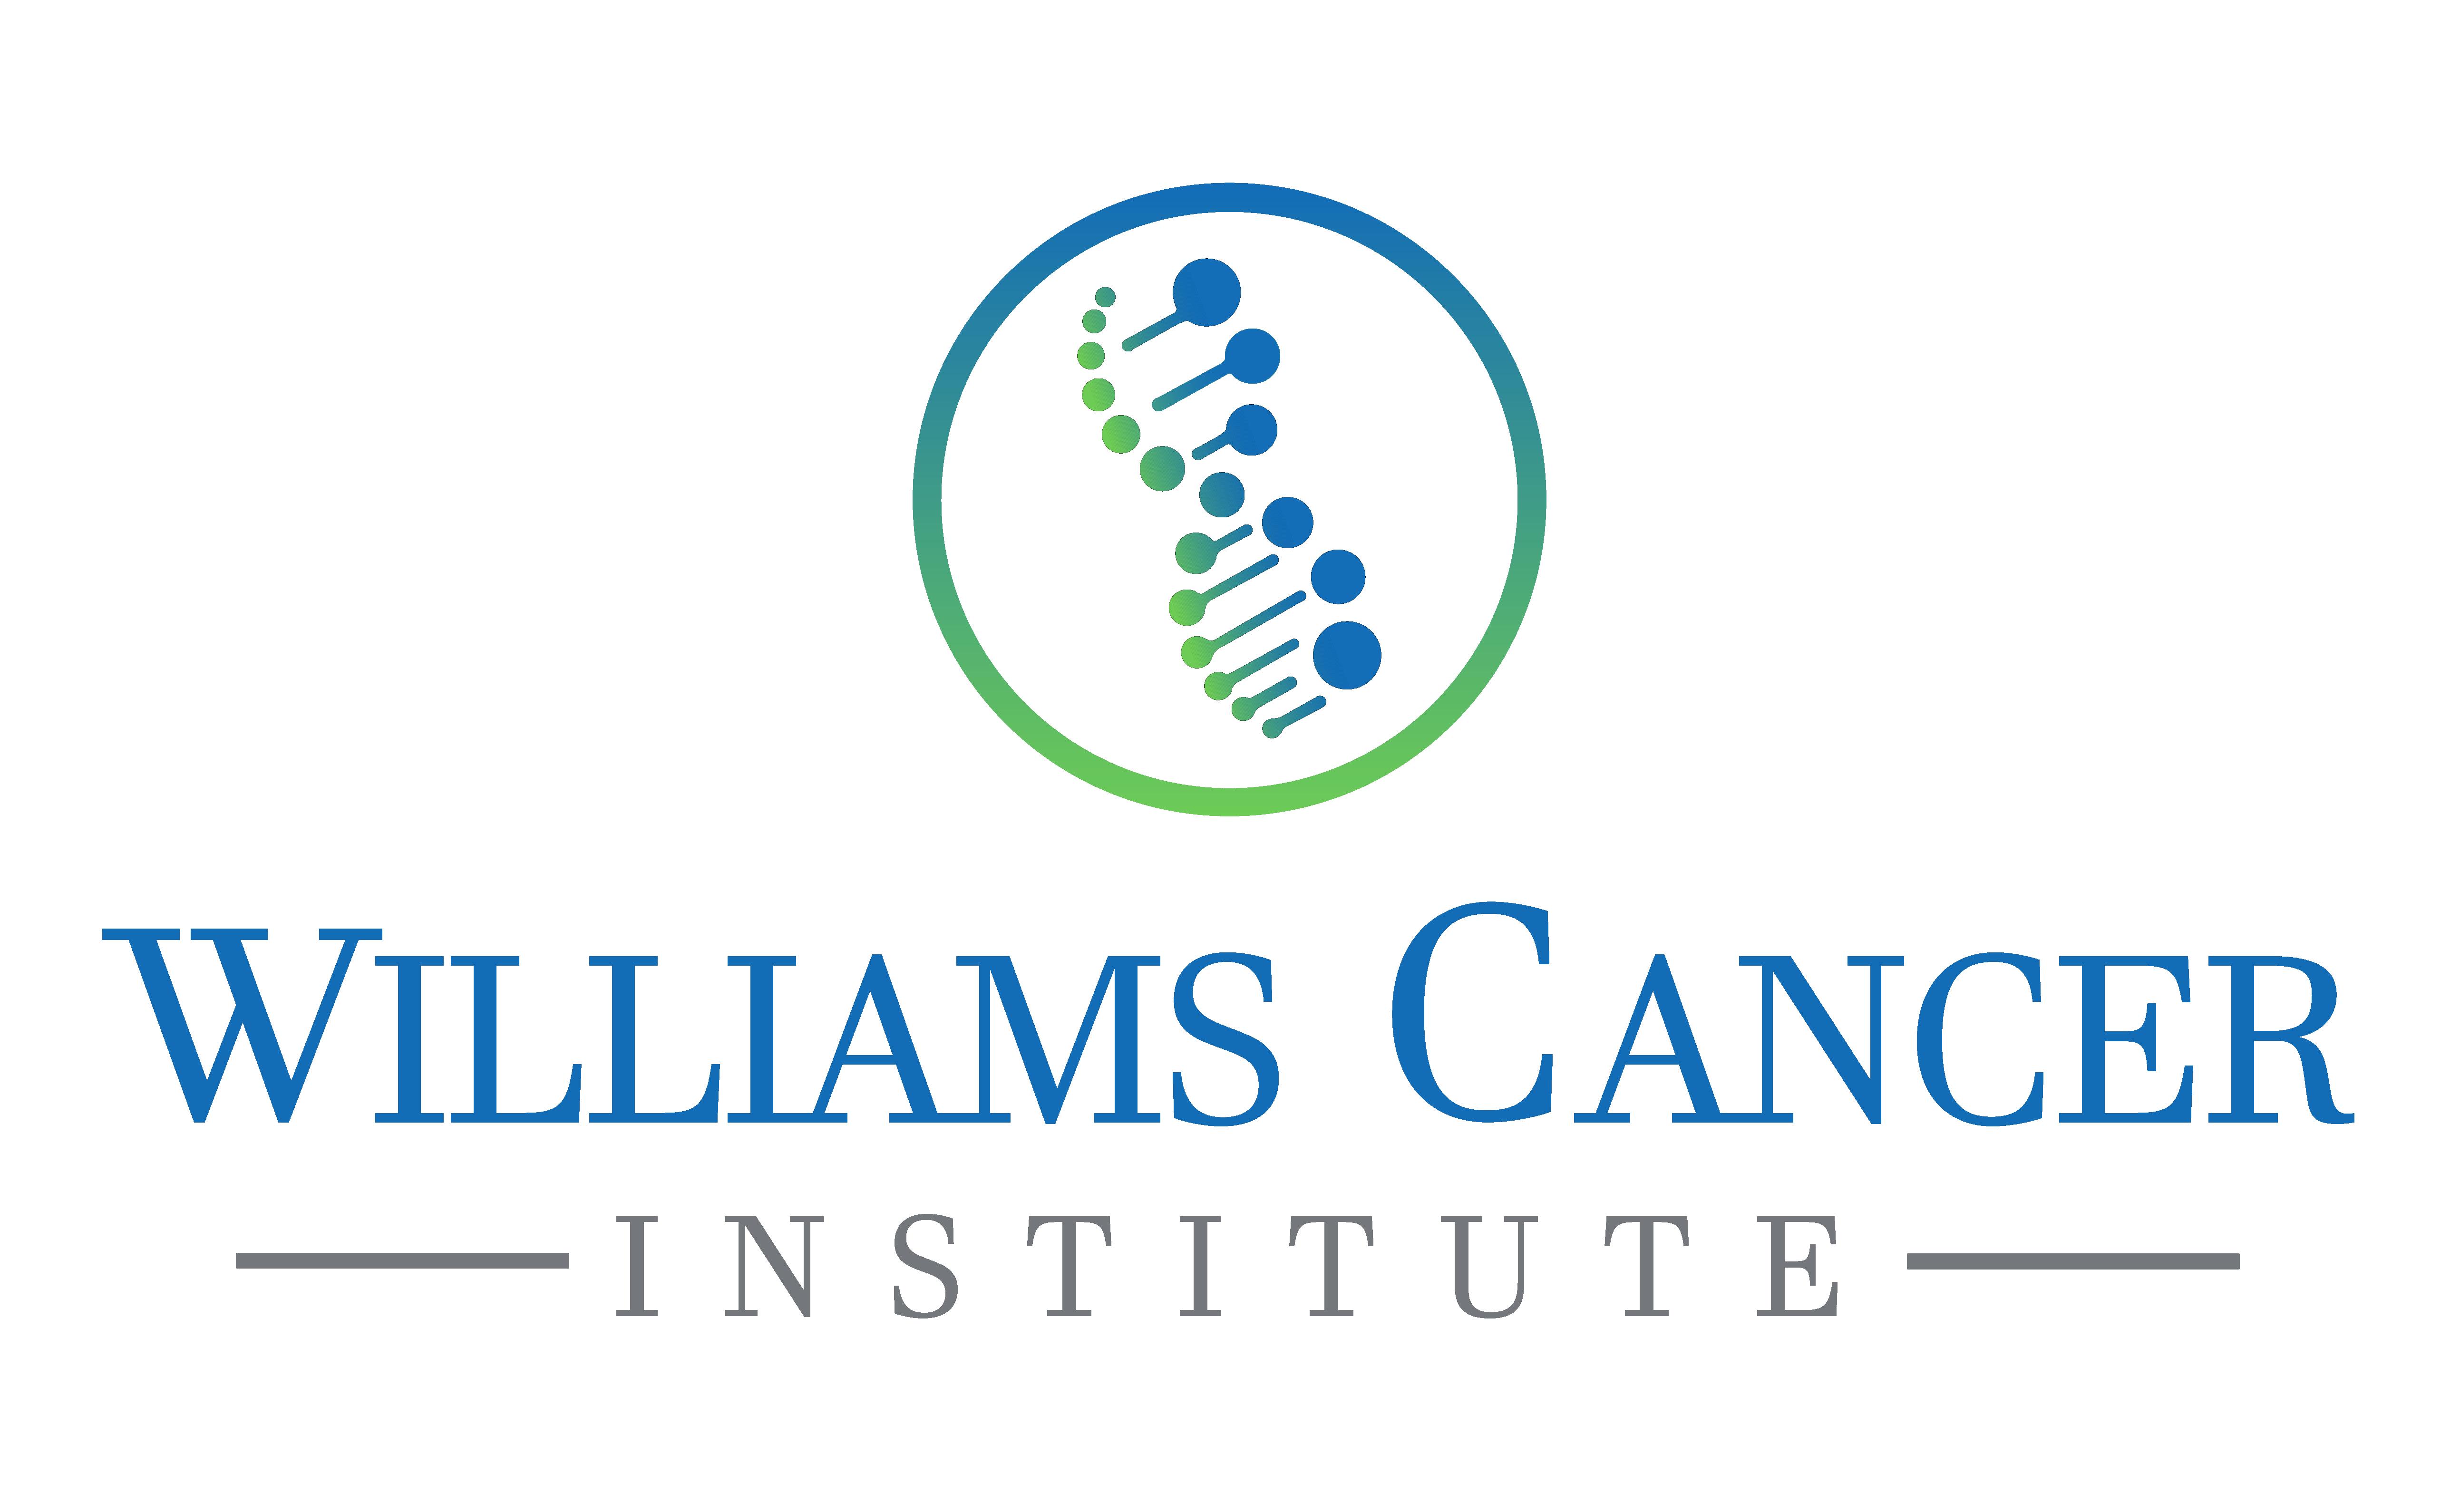 Williams Cancer Institute